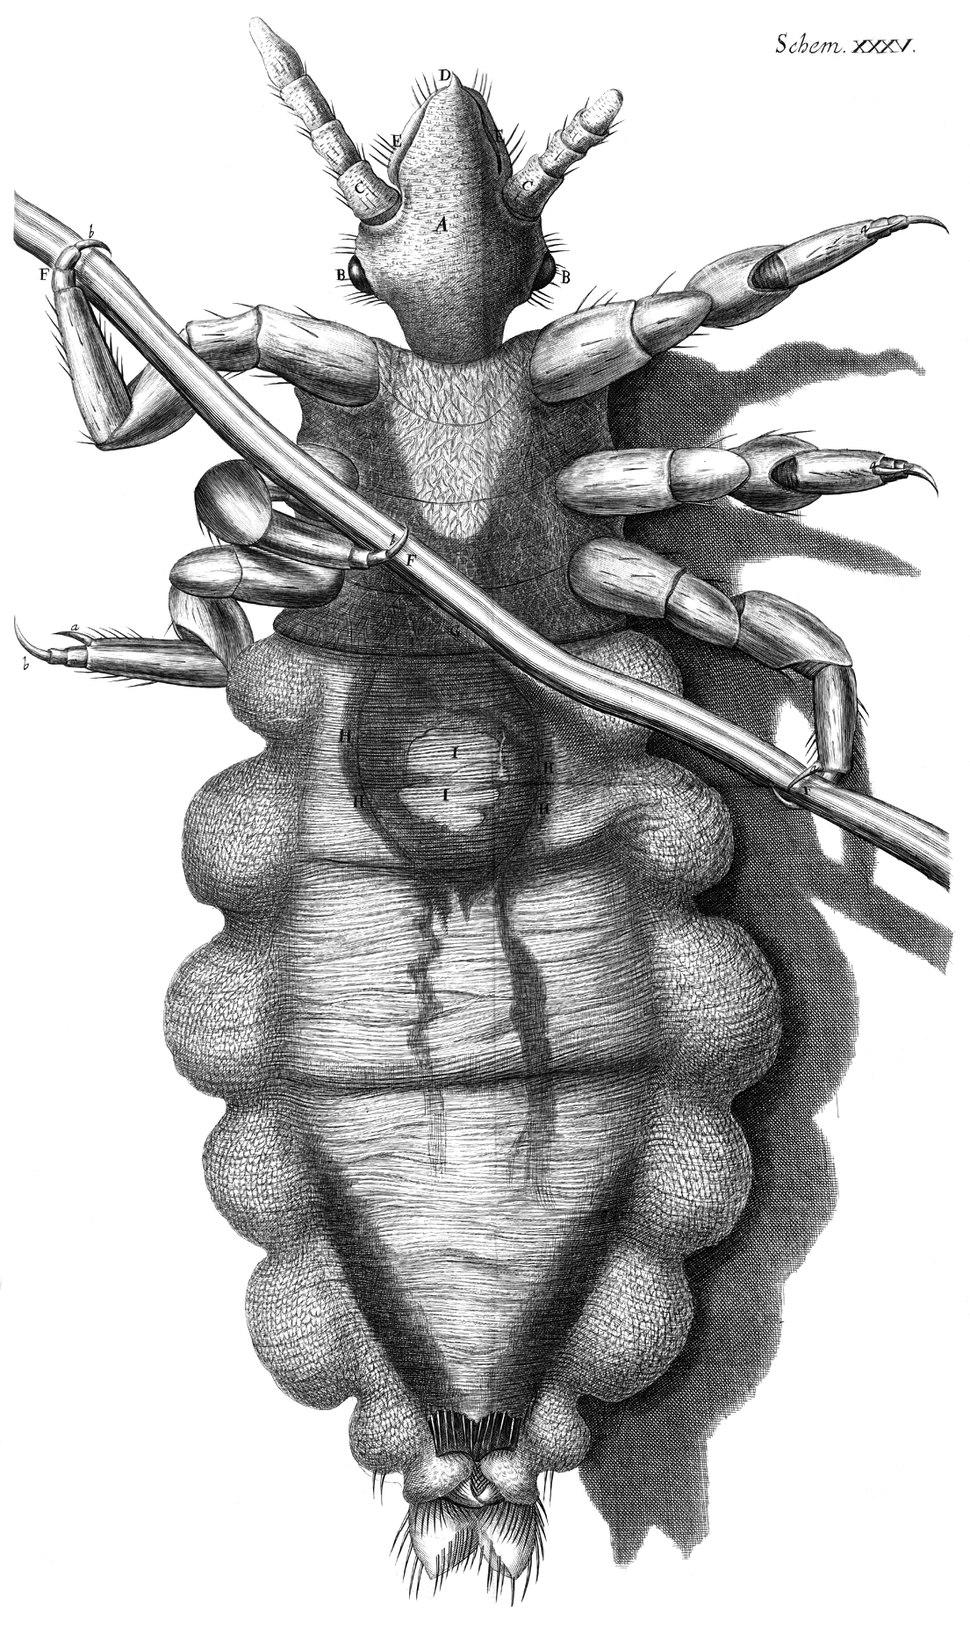 Louse diagram, Micrographia, Robert Hooke, 1667